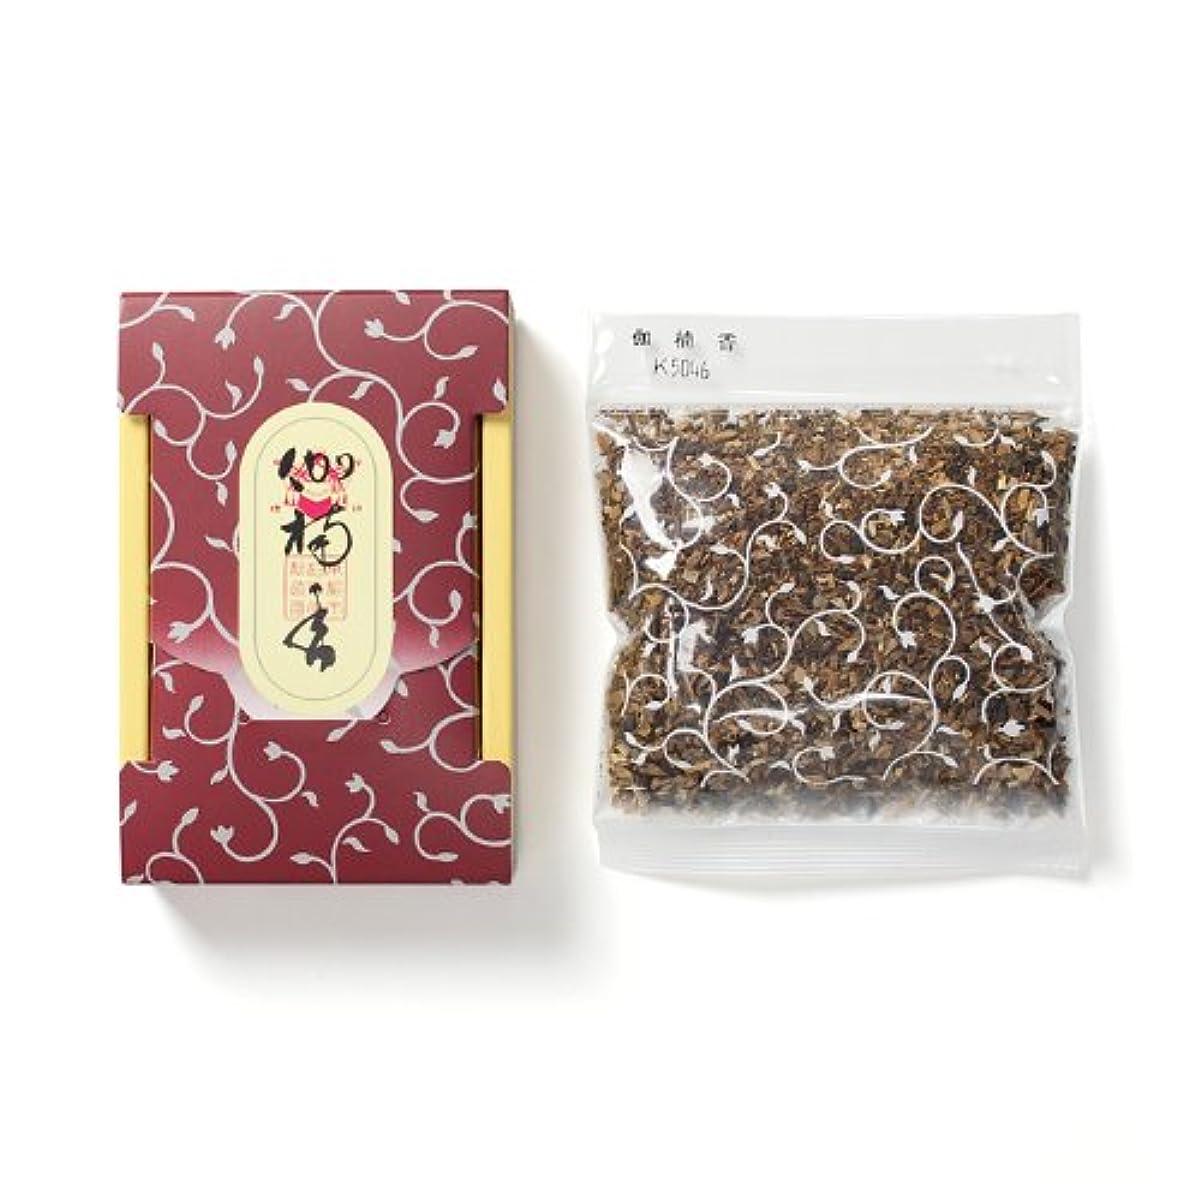 フィッティング段階の配列松栄堂のお焼香 伽楠香 25g詰 小箱入 #410641